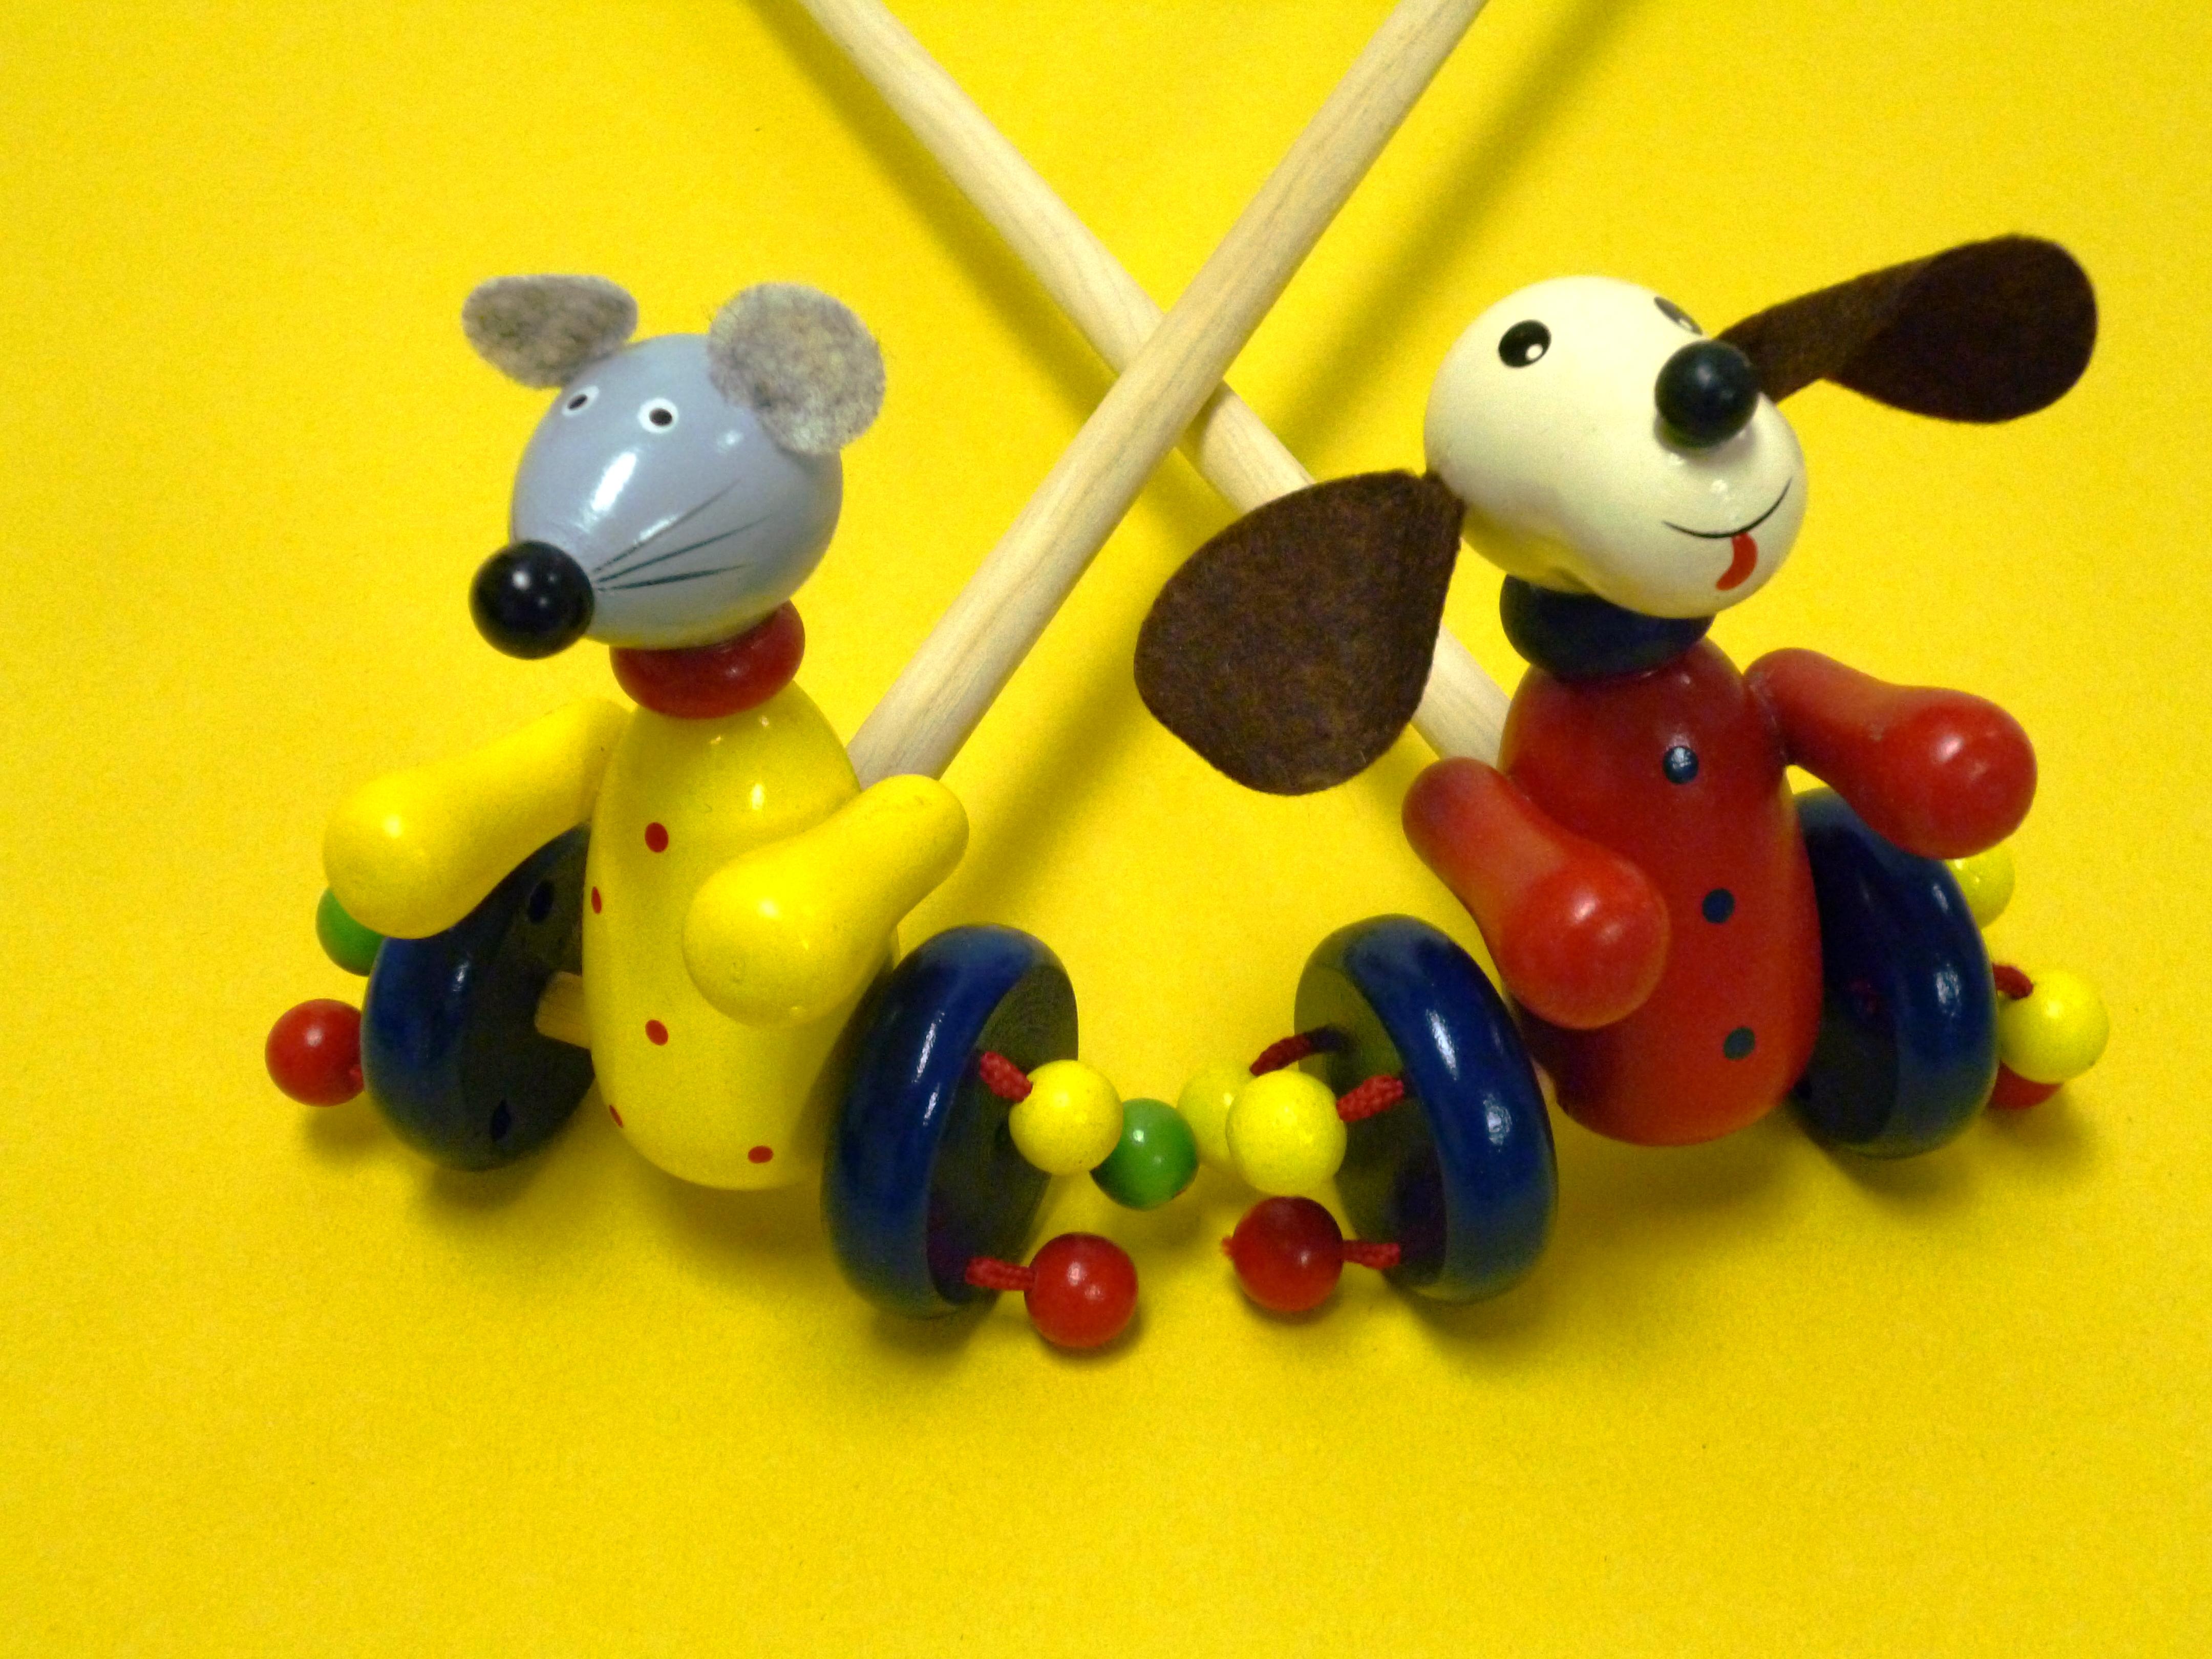 Rhiannon s Toys for Tots Education Emporium